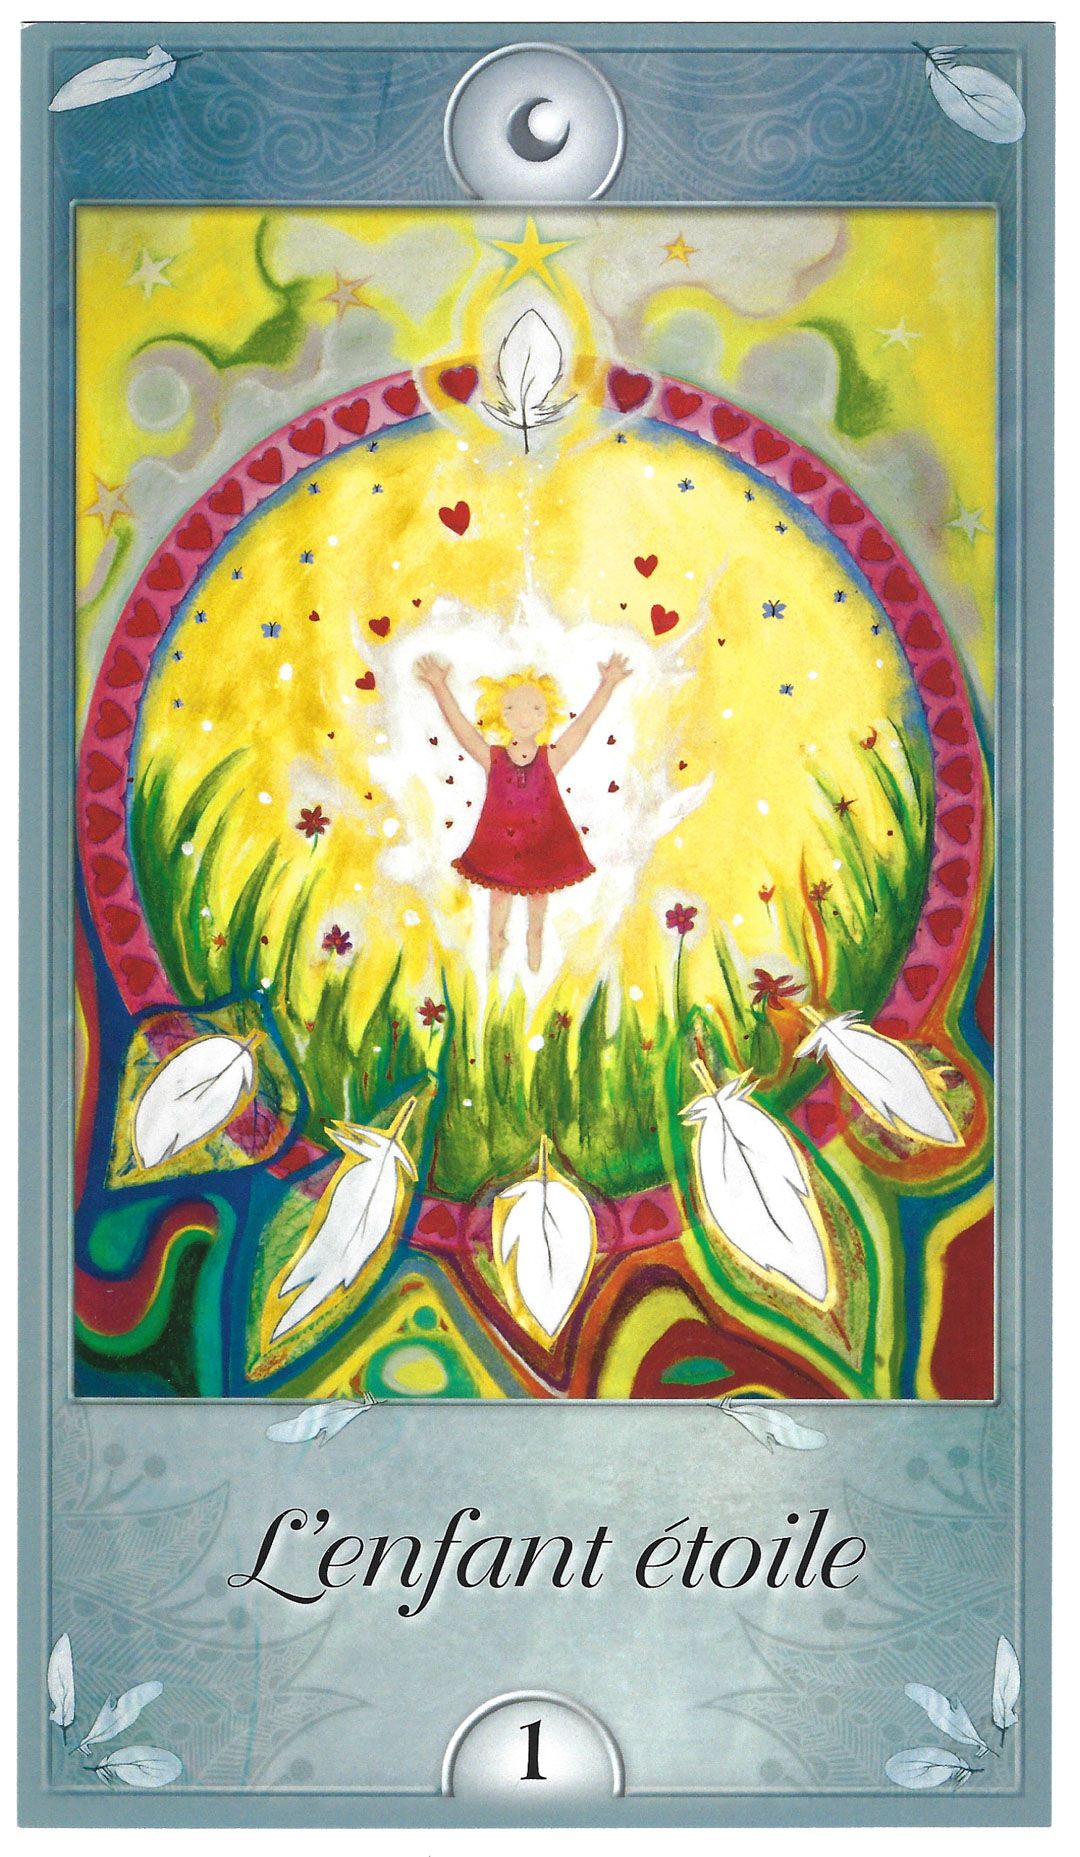 Carte d'oracle représentant l'enfant étoile